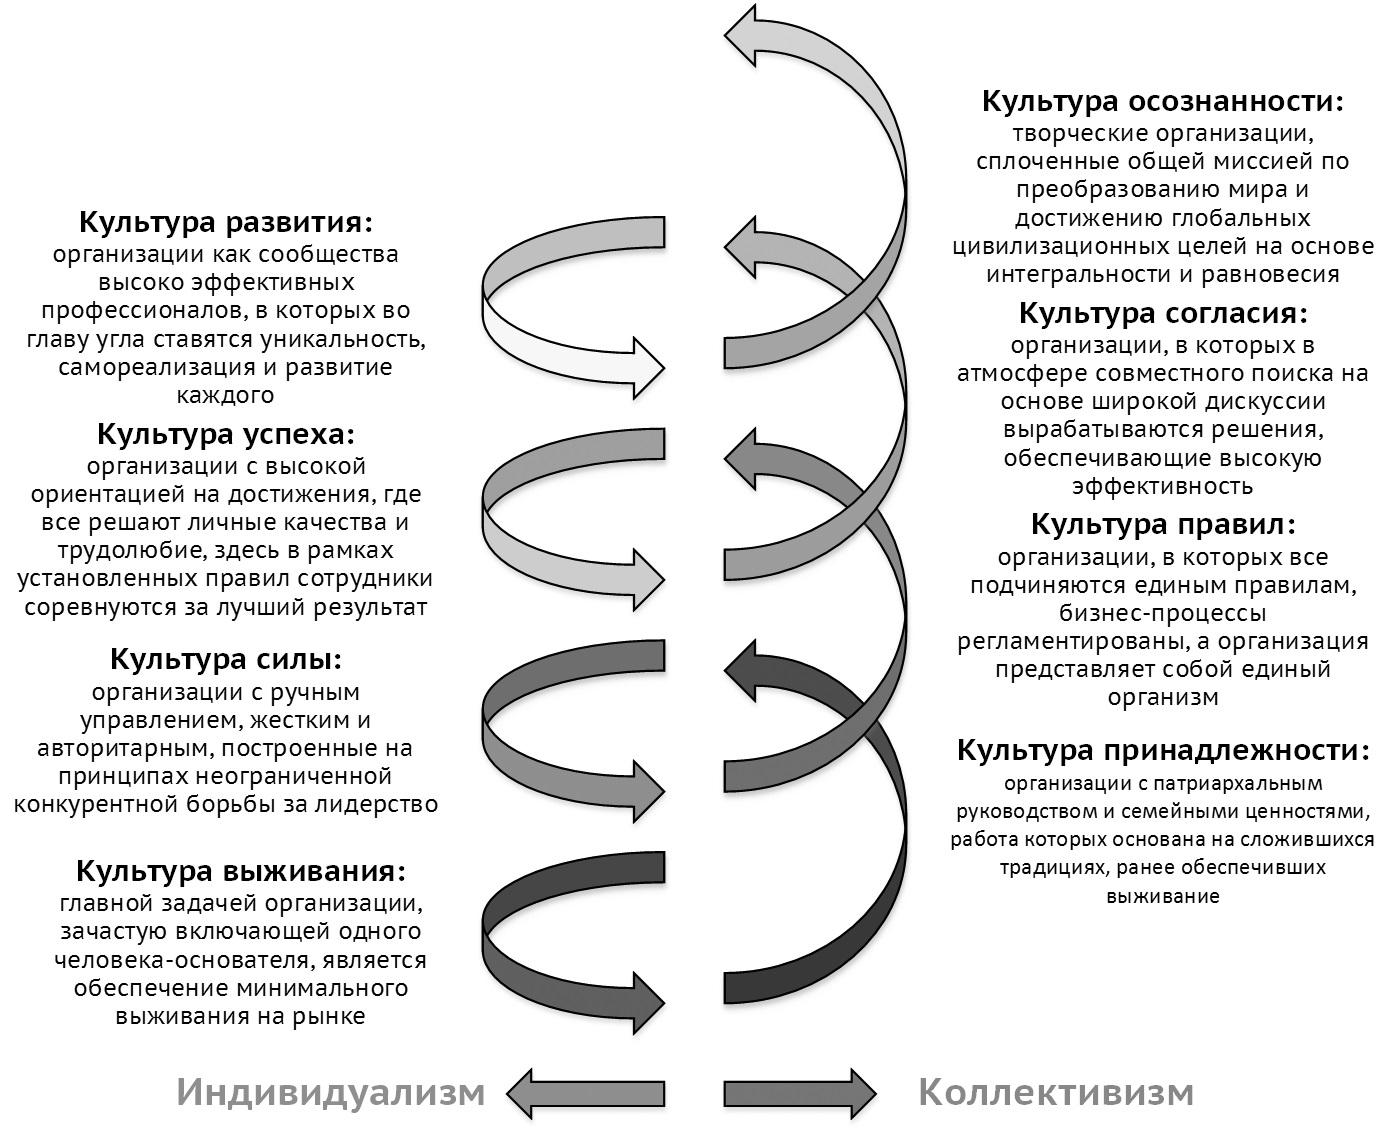 Рисунок 1 – Модель спиральной динамики развития организации